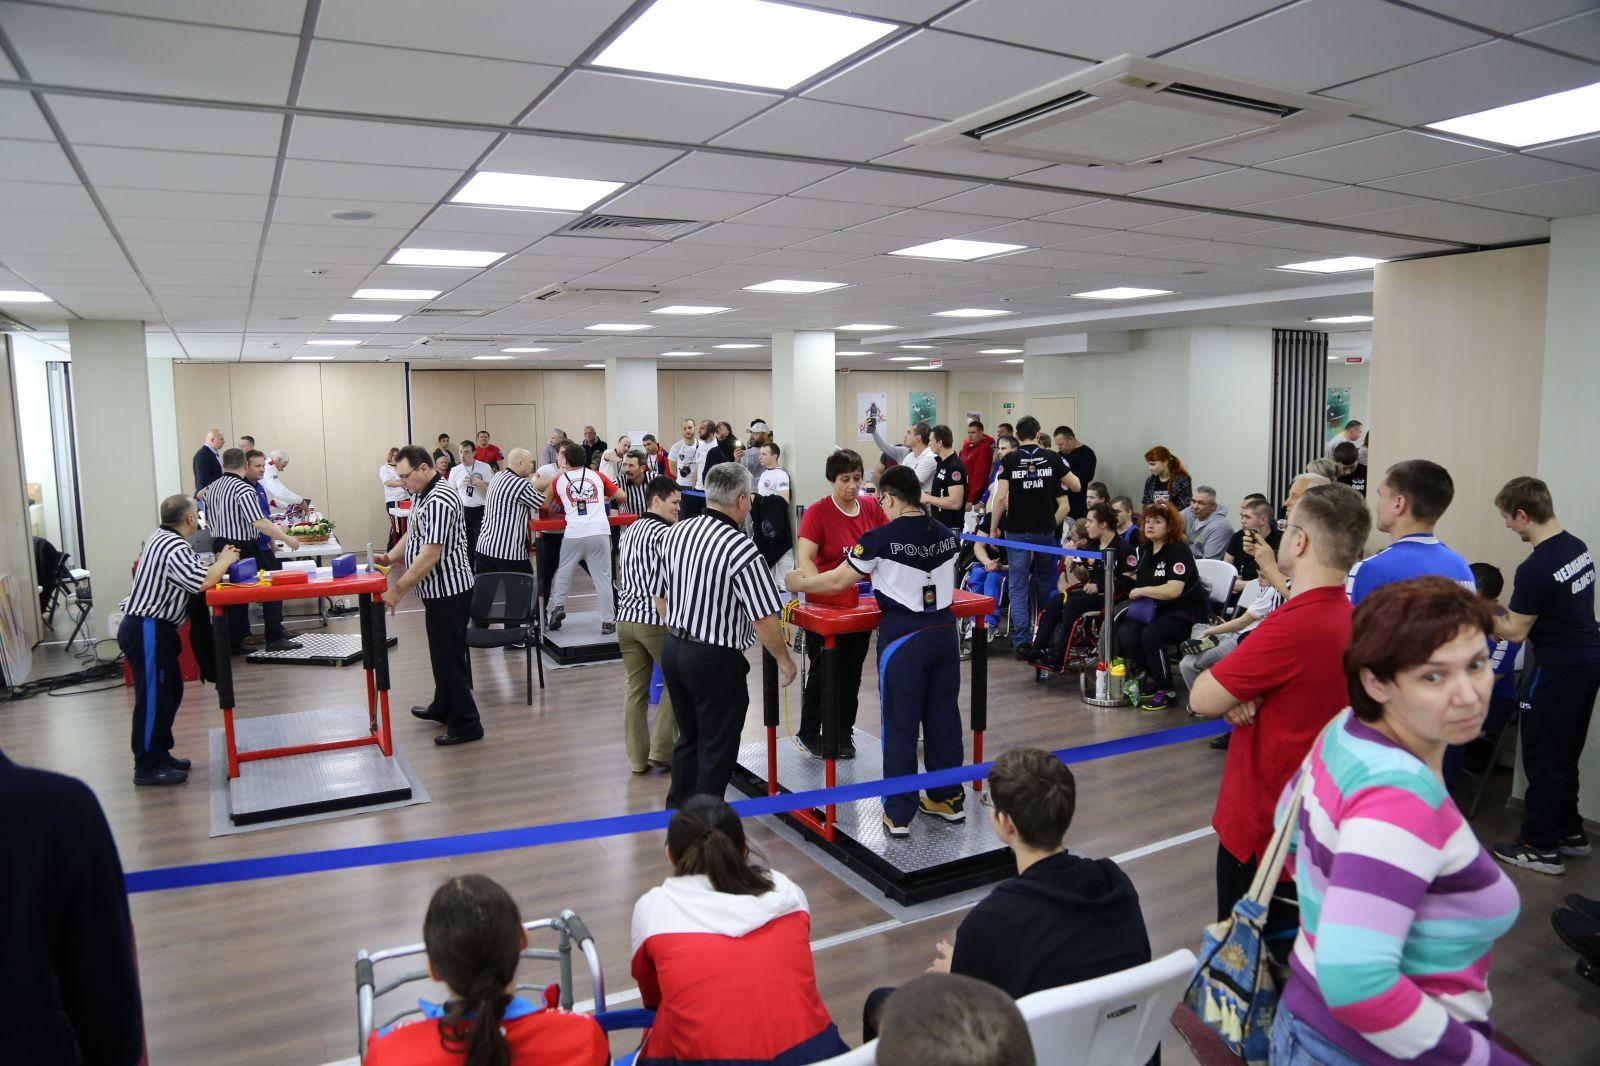 Спортсмены из Московской области победили в общекомандном зачете чемпионата России по армрестлингу спорта лиц с ПОДА